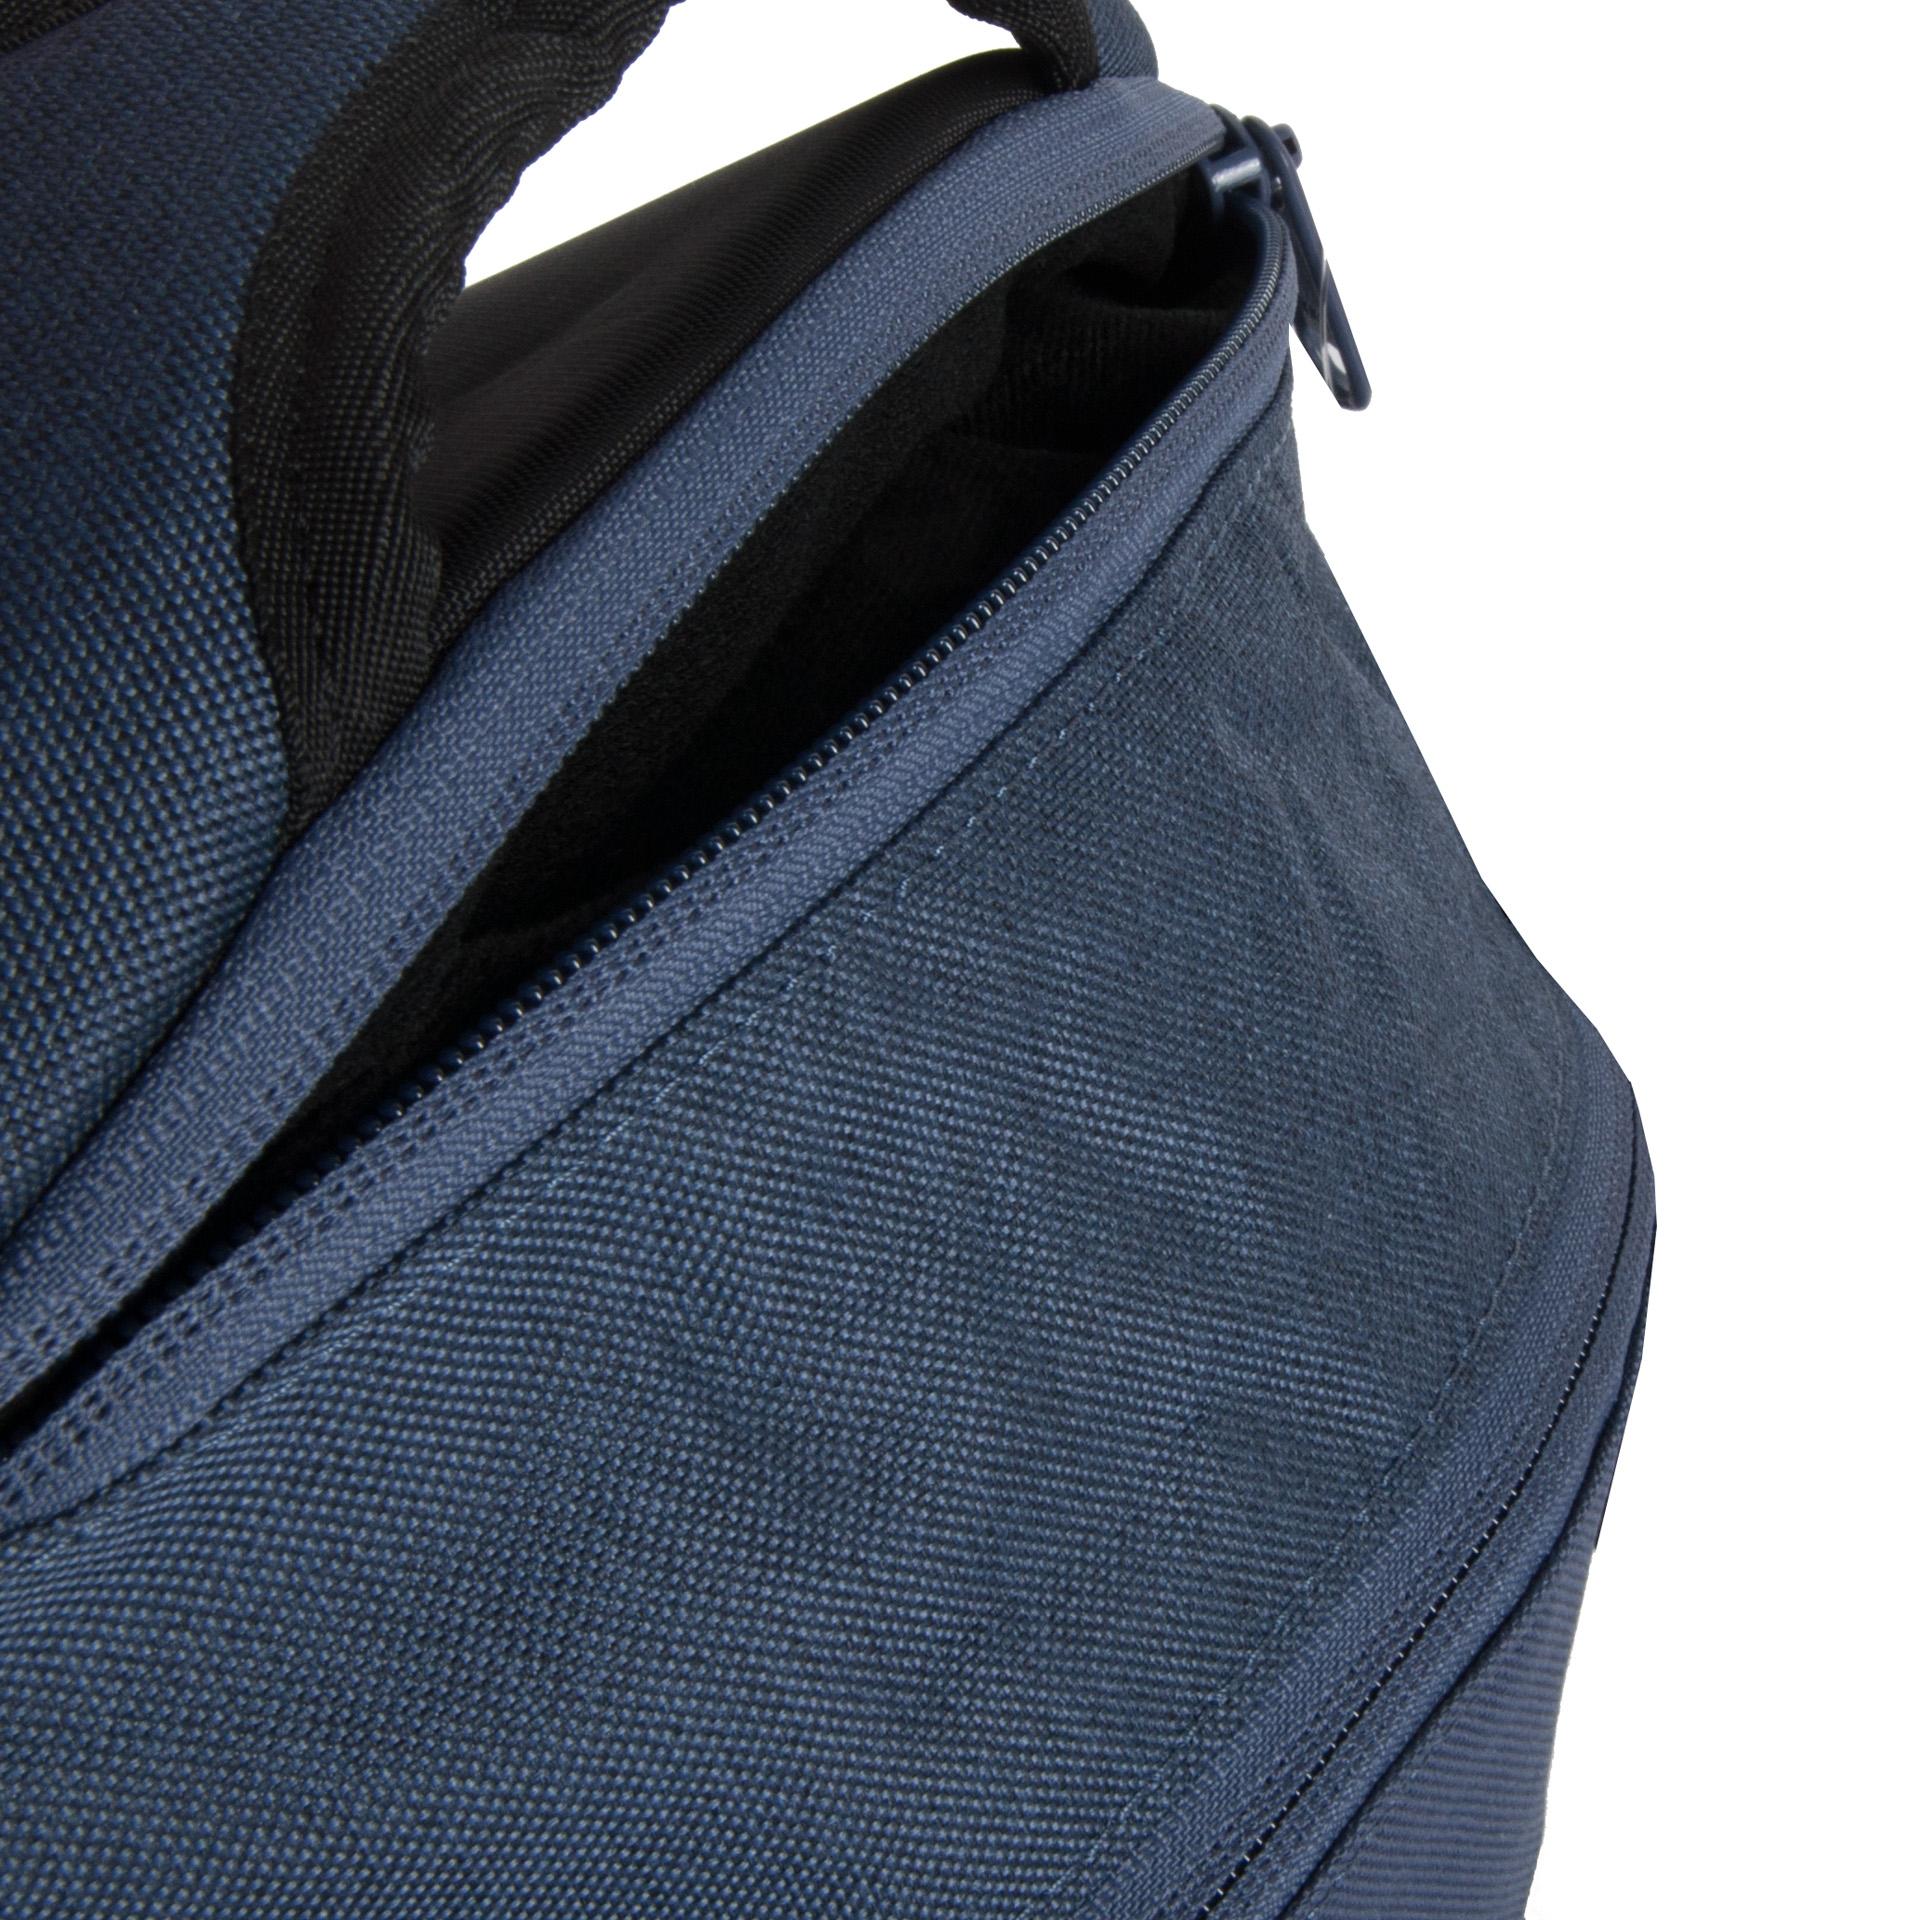 Dakine Prom 25L Seashore Multifunkčný dámsky batoh, ktorý disponuje hneď niekoľkými výhodami.  - čalúnené vrecko na notebook až 14